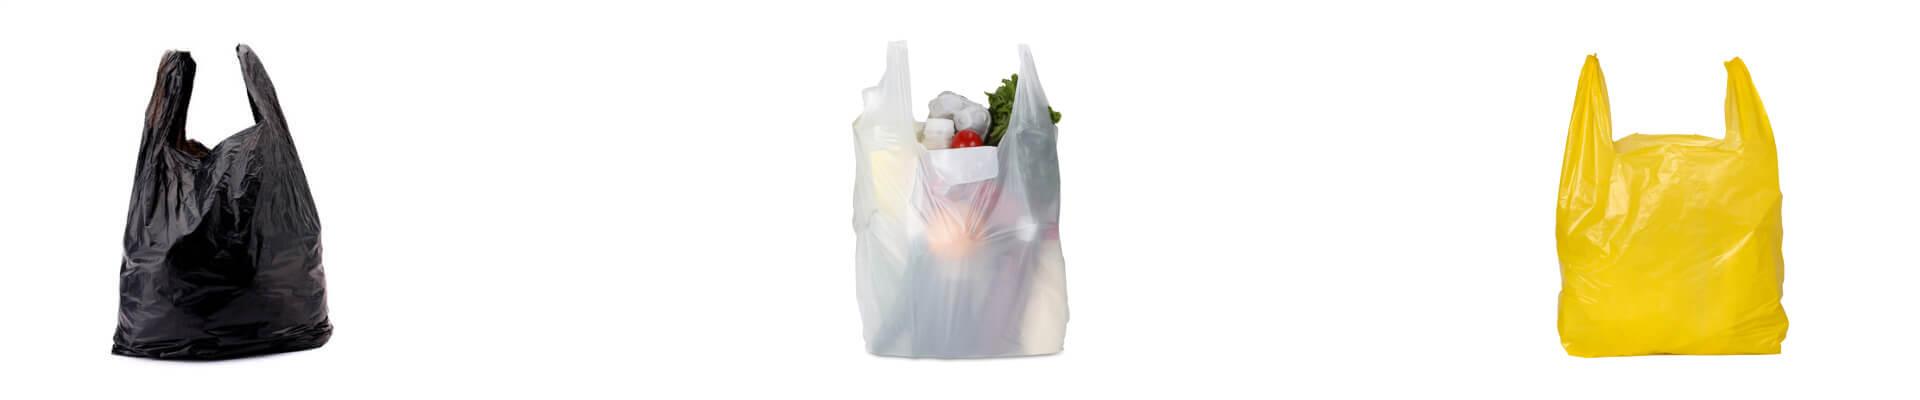 Encontre as melhores Sacolas Plásticas online!